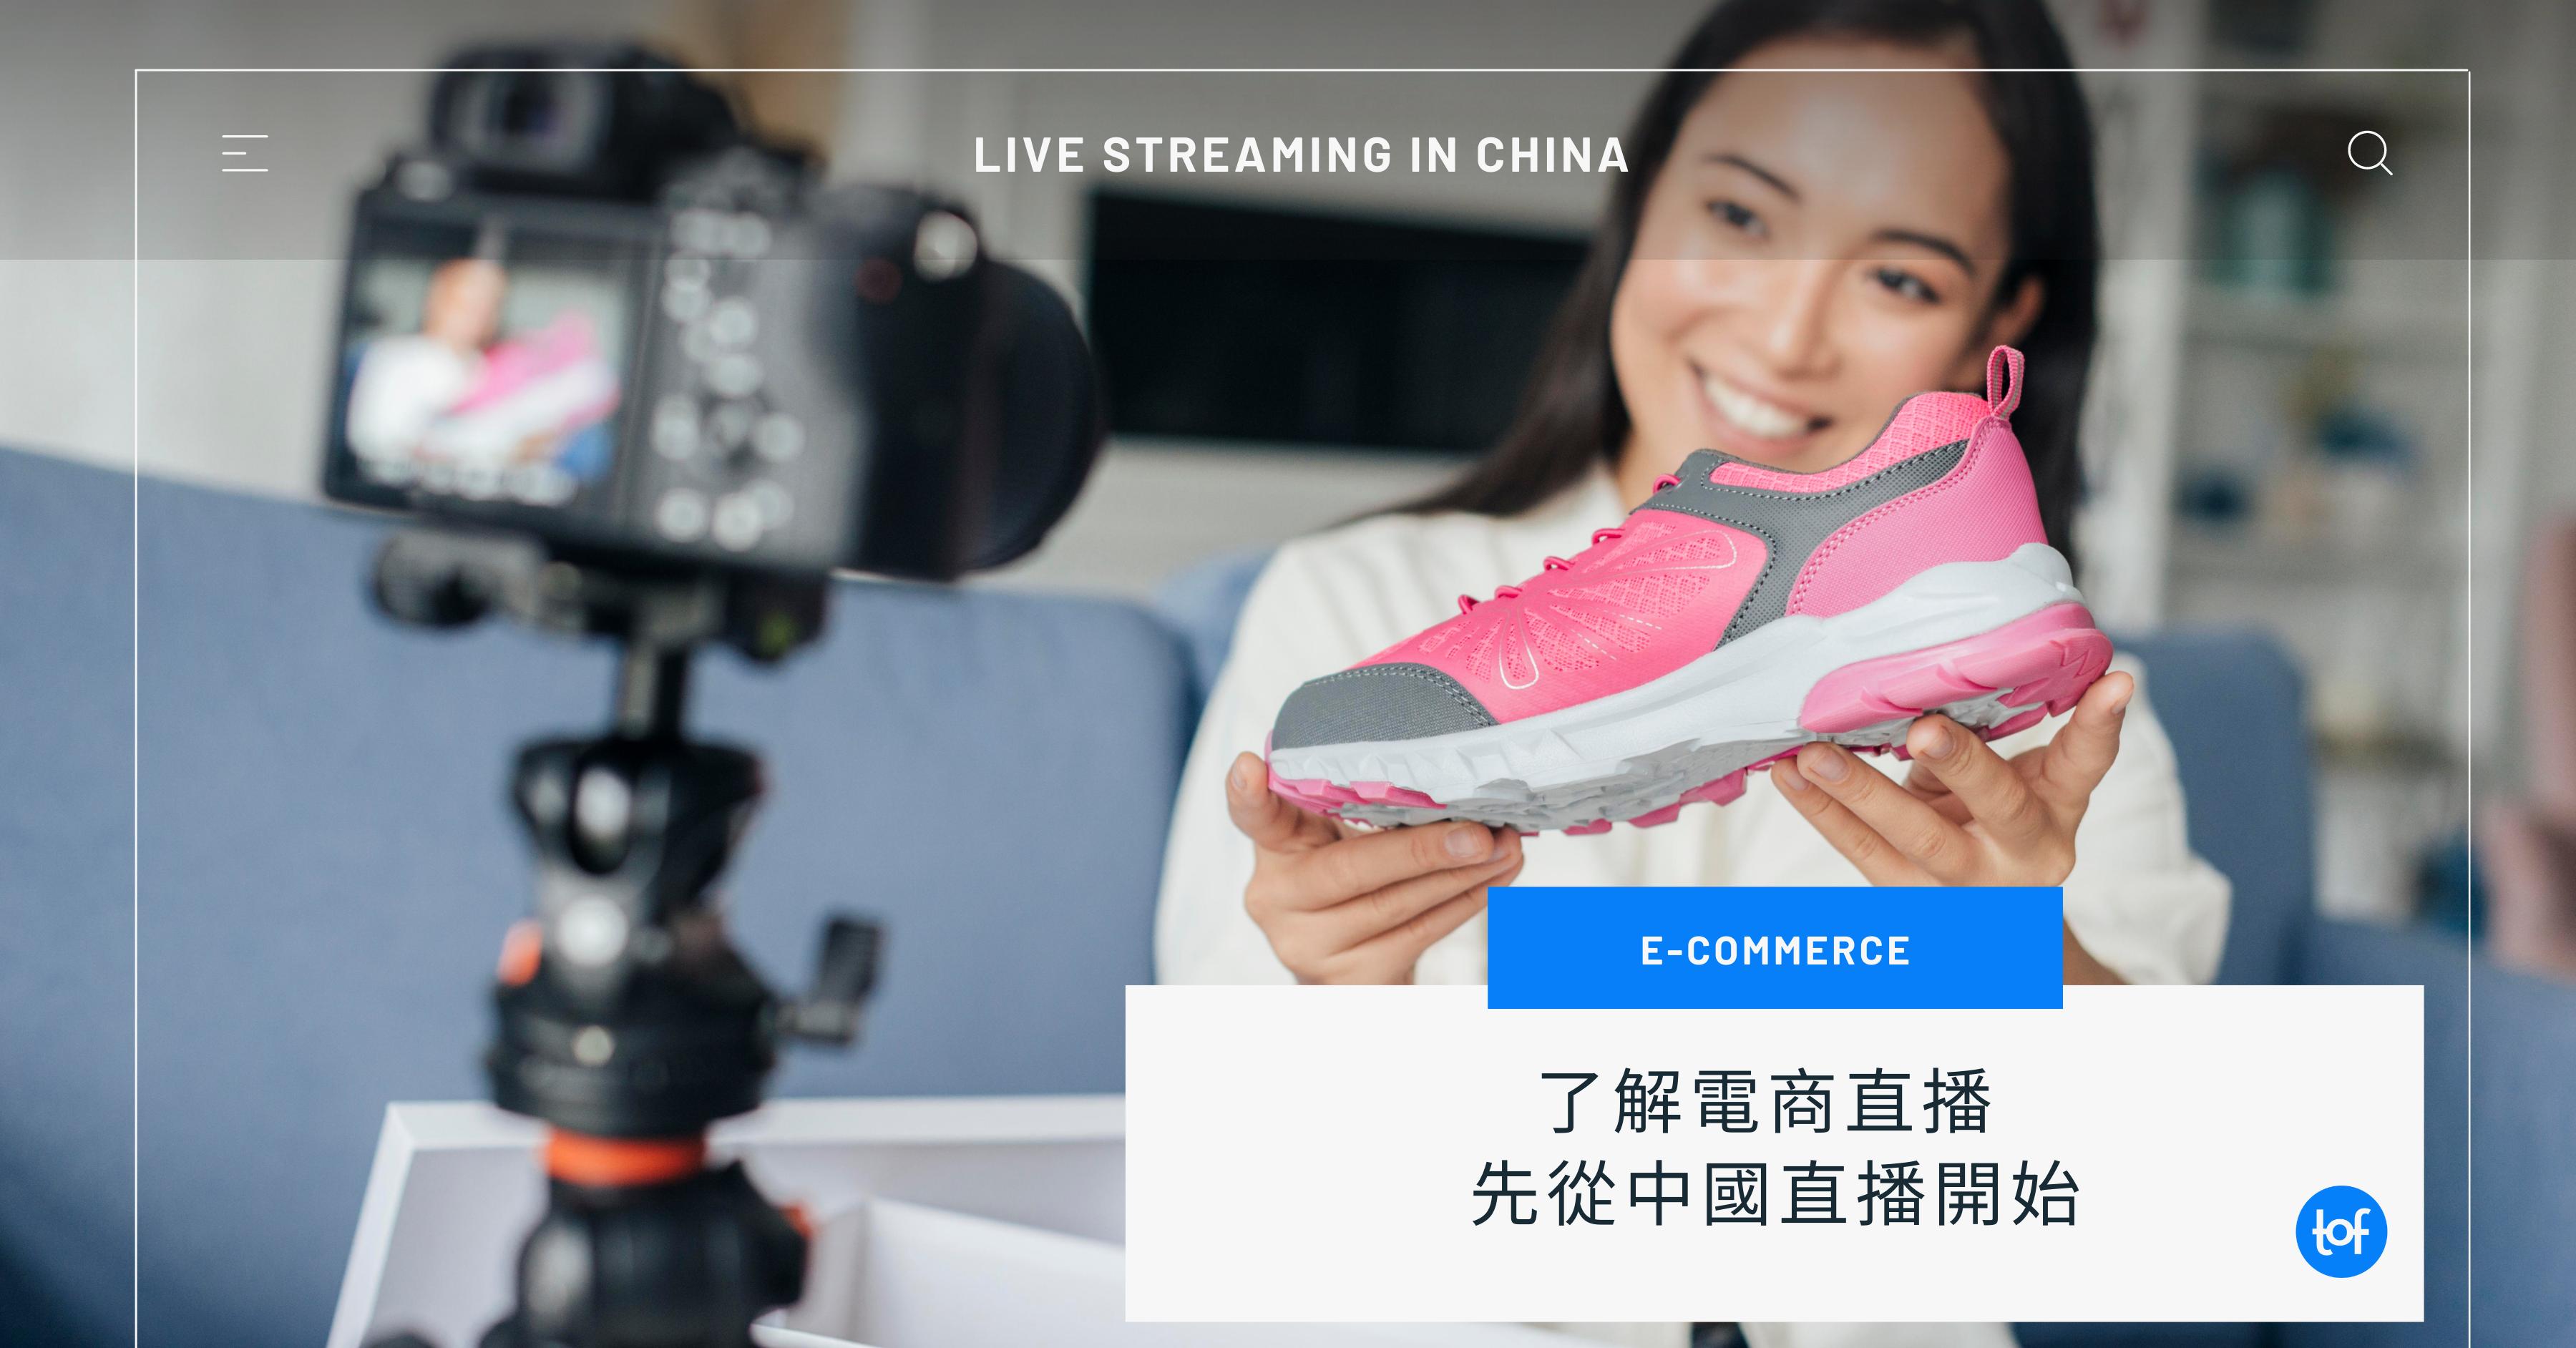 了解電商直播-先從中國直播開始